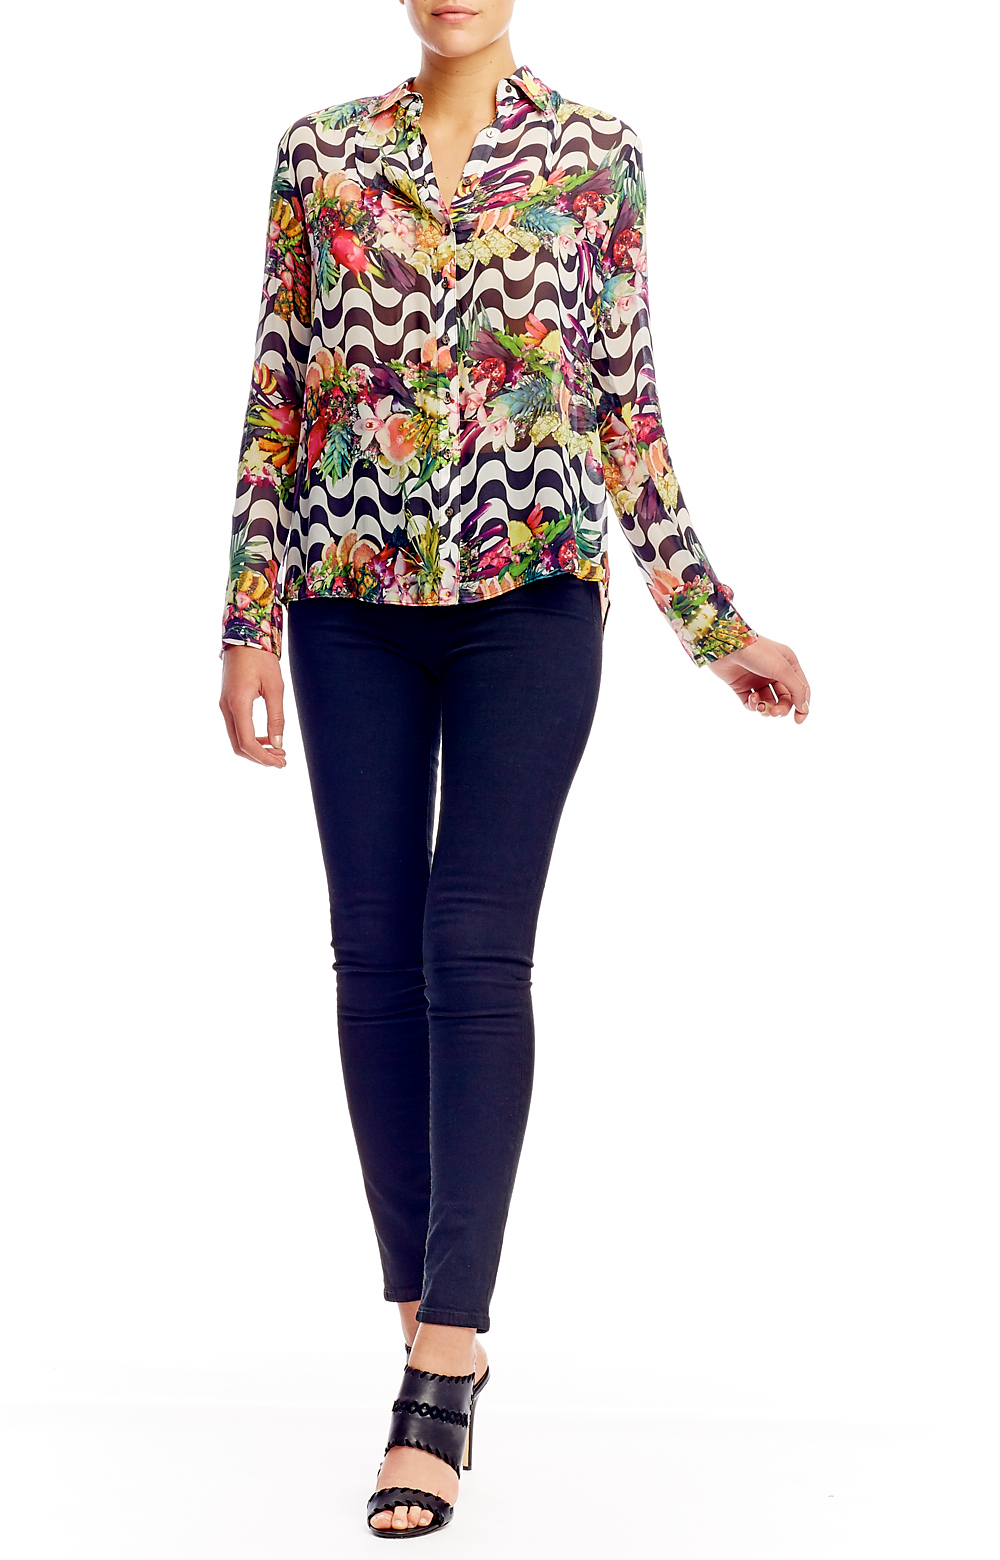 Nicole miller Sidewalk Fruit Stripe Shirt in Blue